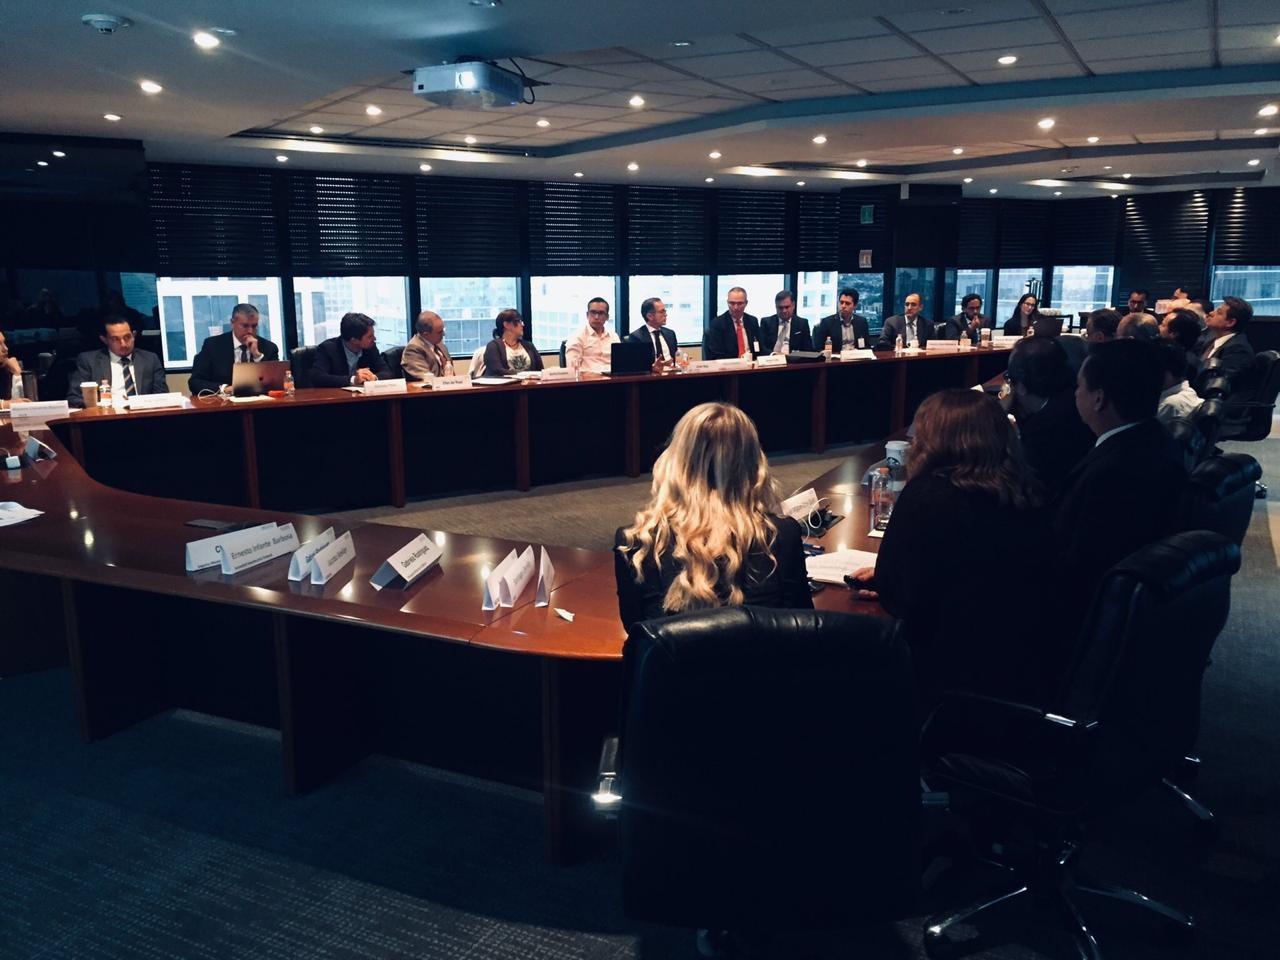 SHF se adhiere oficialmente al Consejo Consultivo de Finanzas Climáticas de la BMV